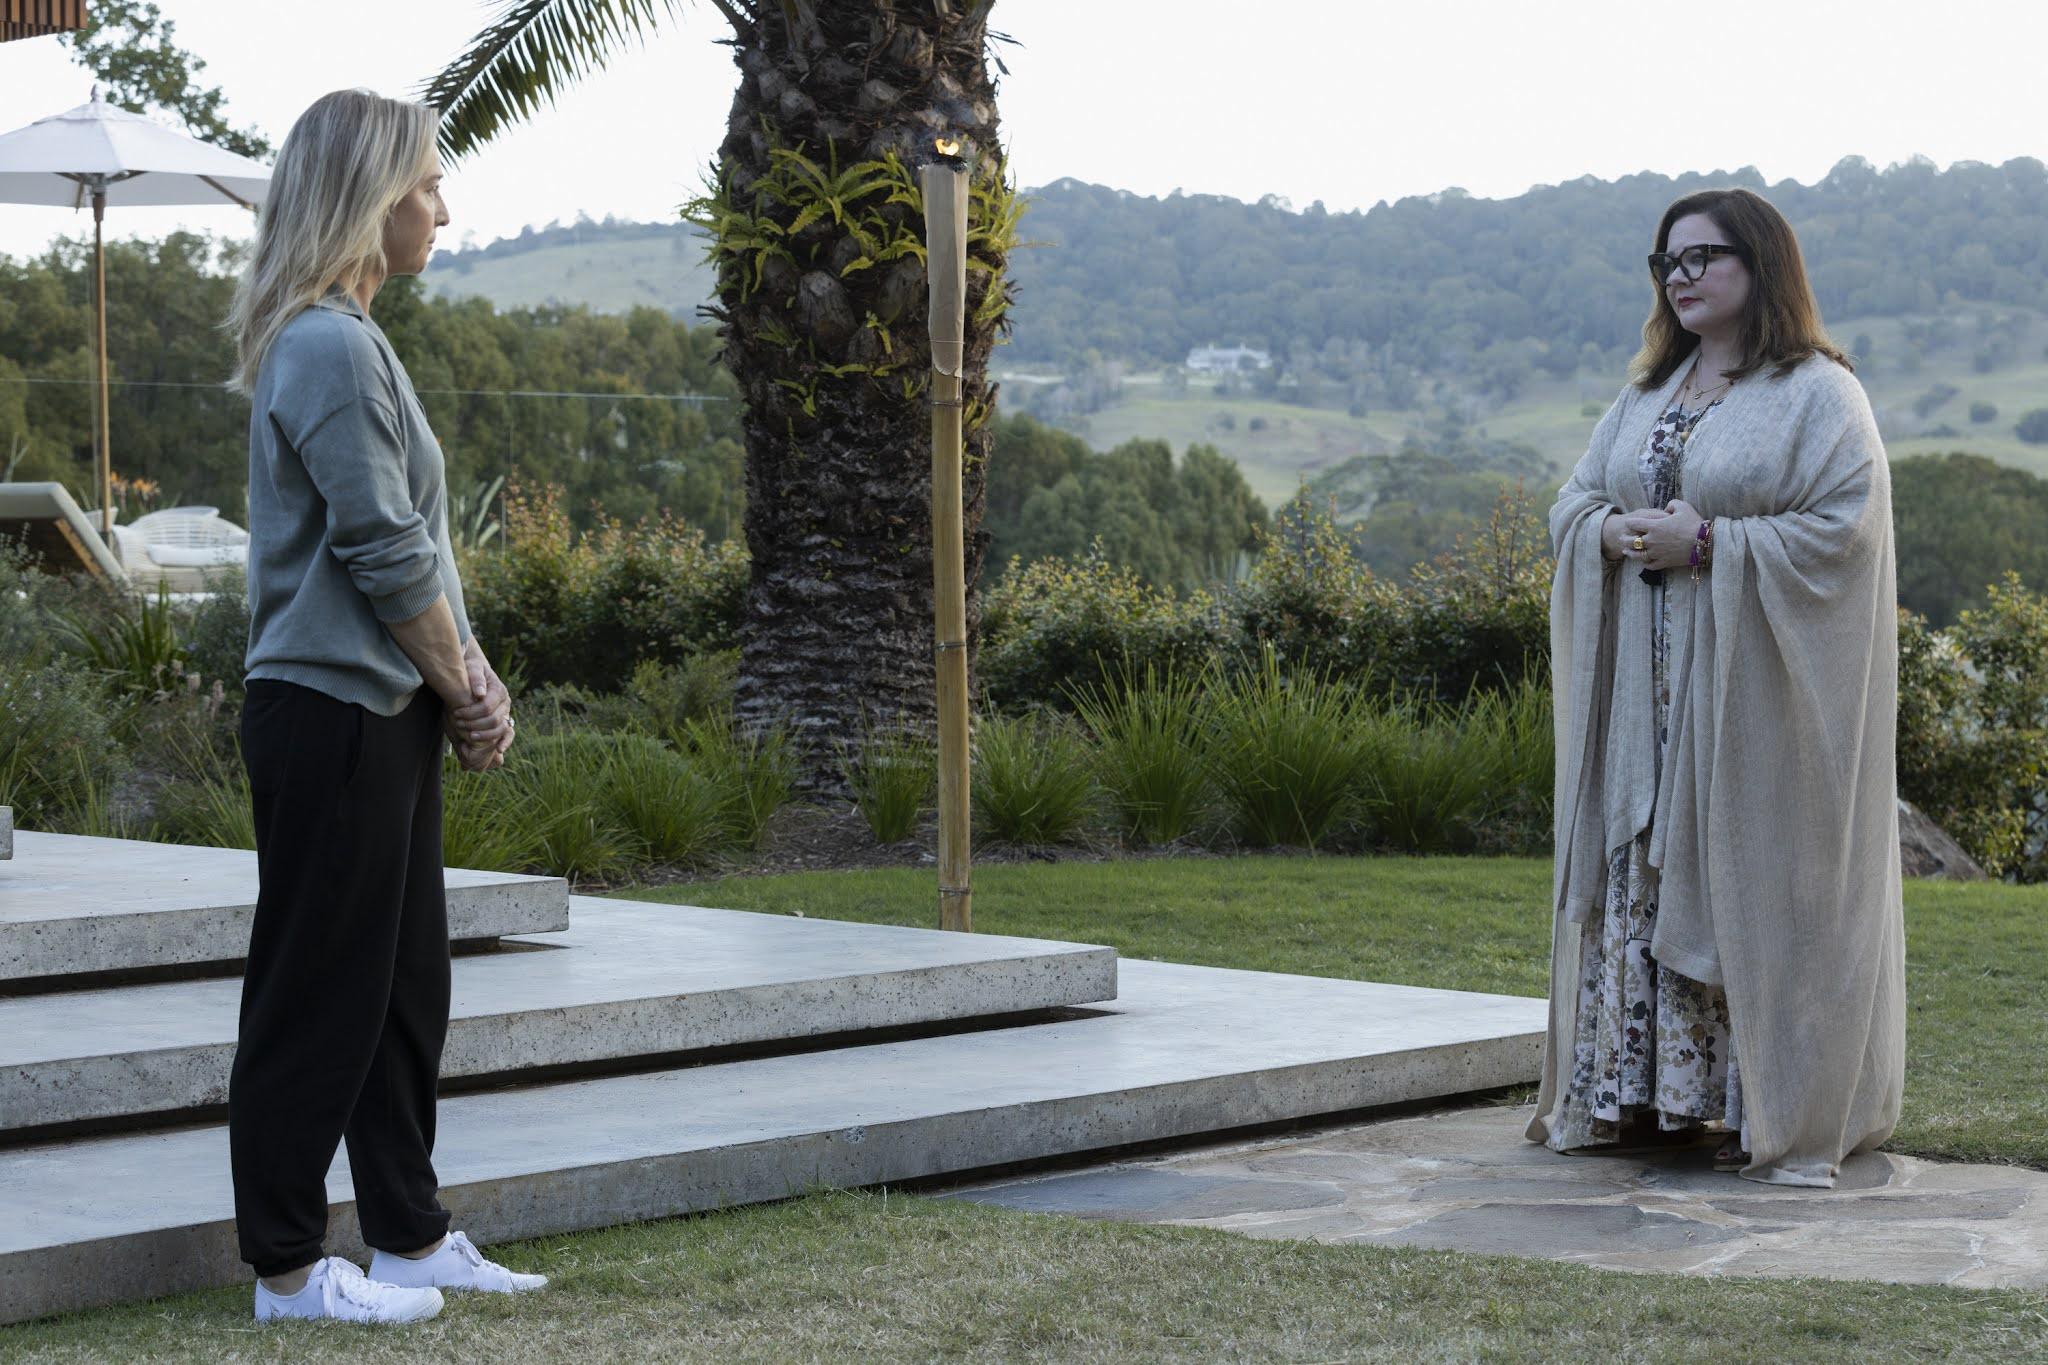 Melissa Mccarthy y Asher Keddie en una escena de 'Nine Perfecta Strangers', la nueva miniserie de David E. Kelley para Amazon Prime Video